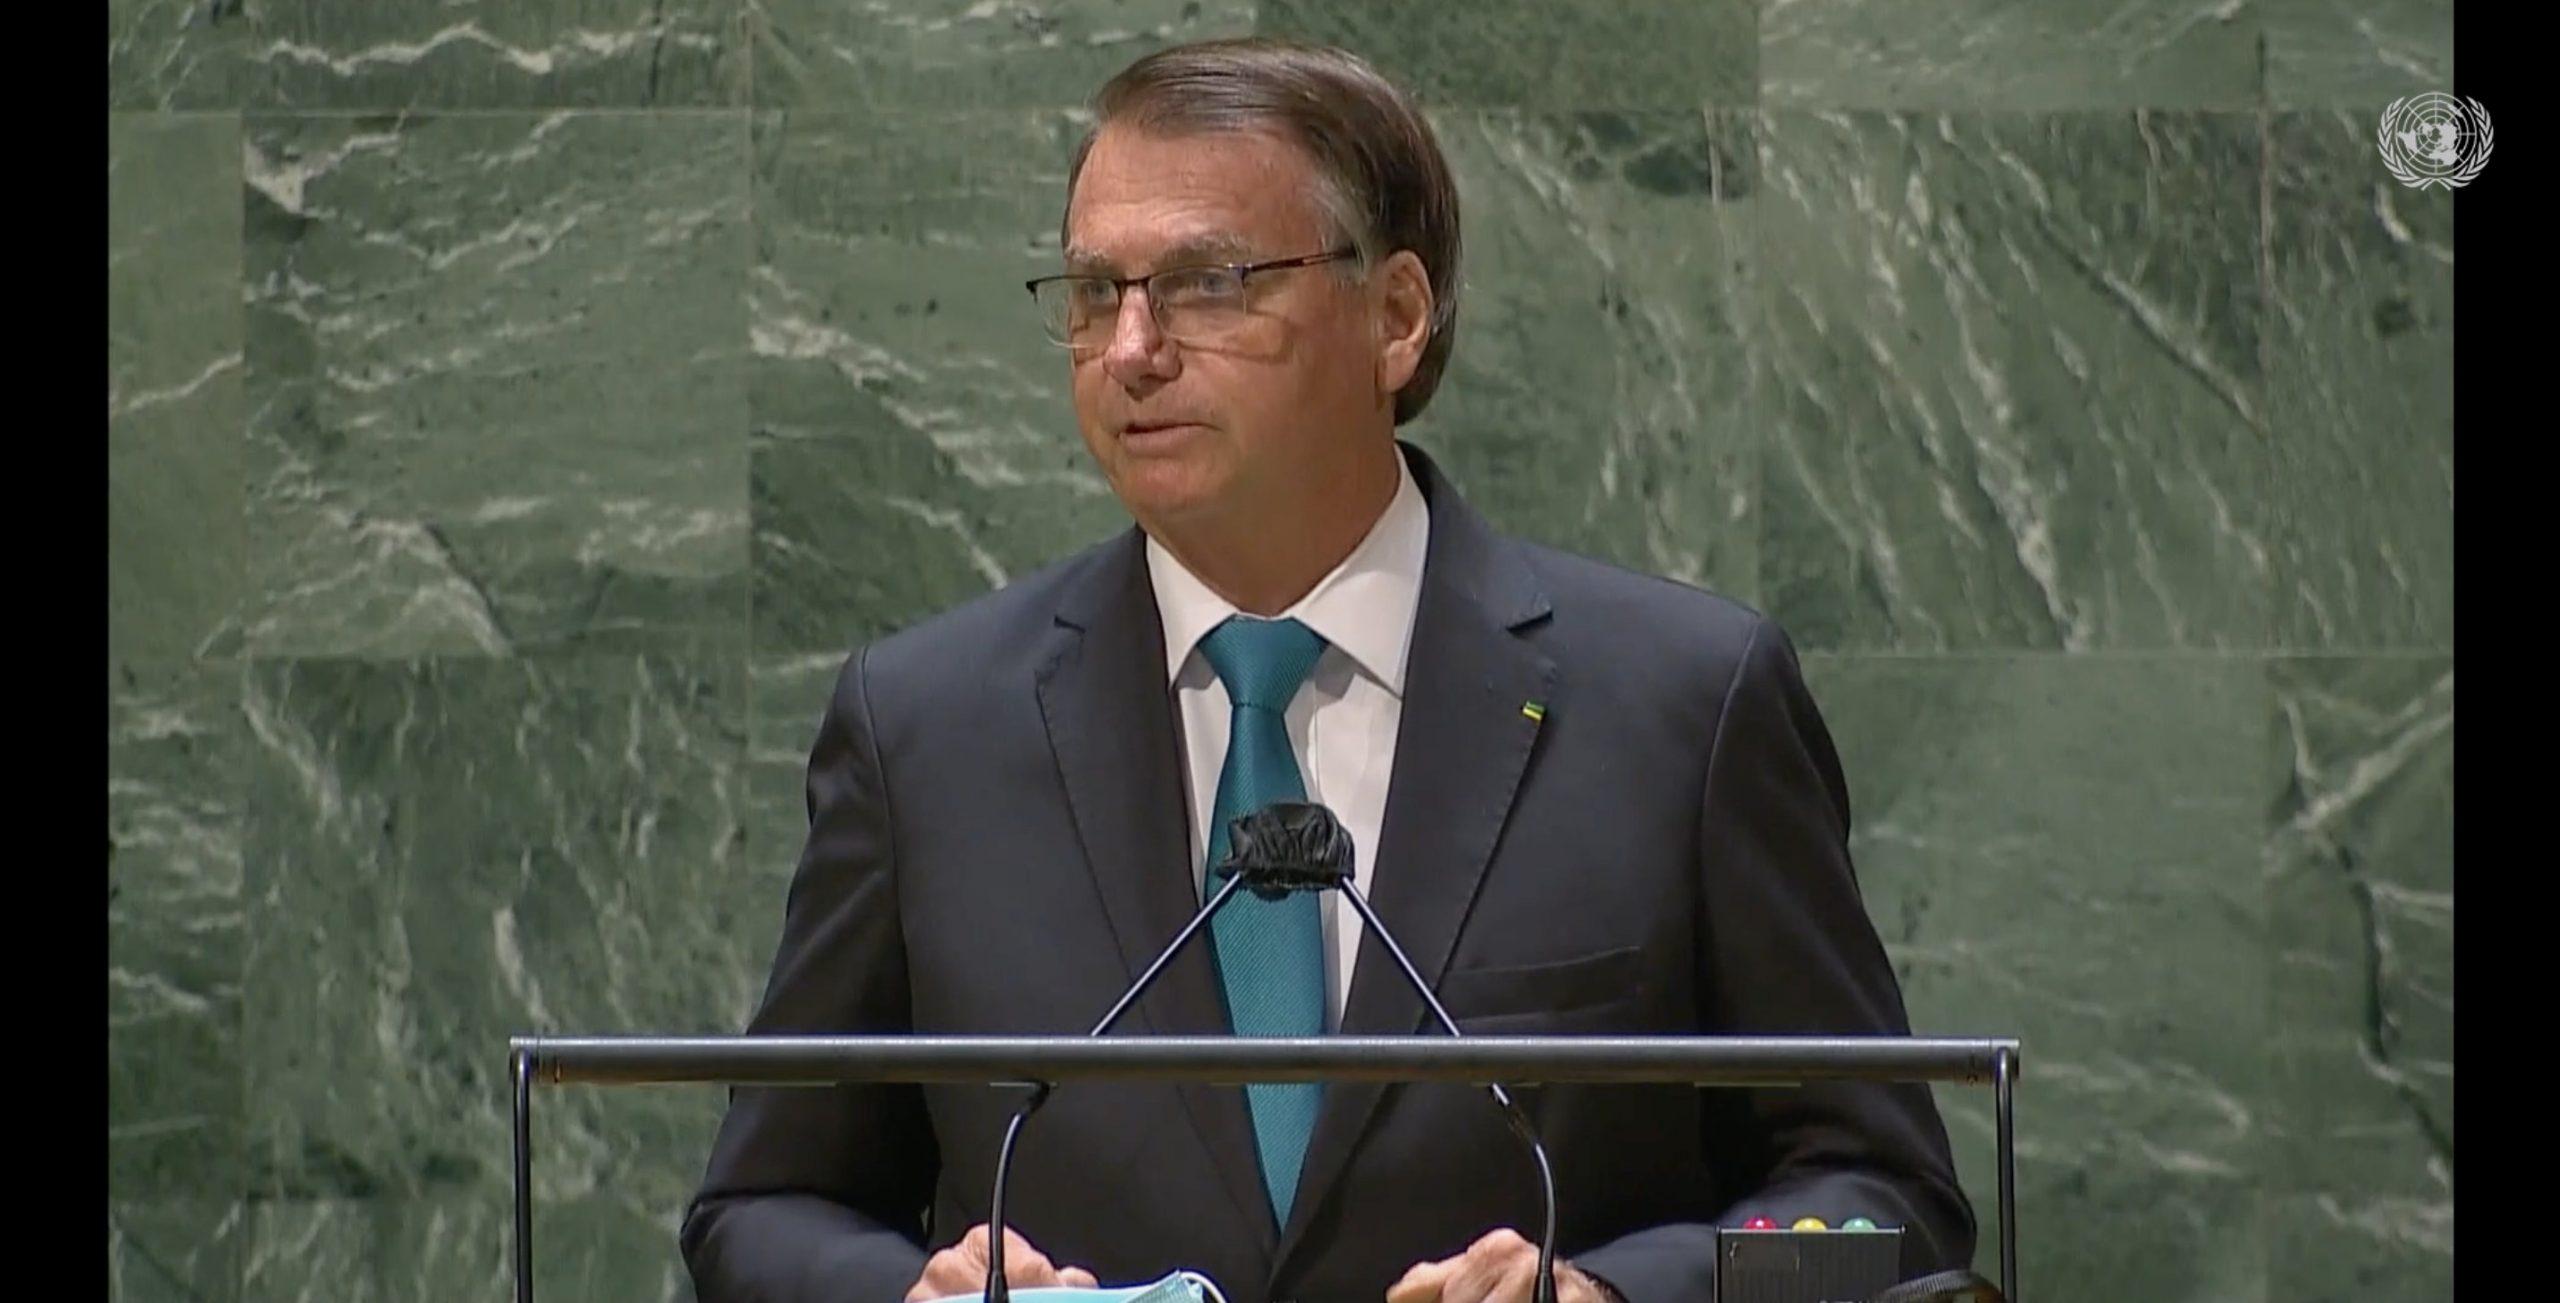 El presidente de Brasil, Jair Bolsonaro, durante su discurso ante la Asamblea General de las Naciones Unidas. Foto: Naciones Unidas.